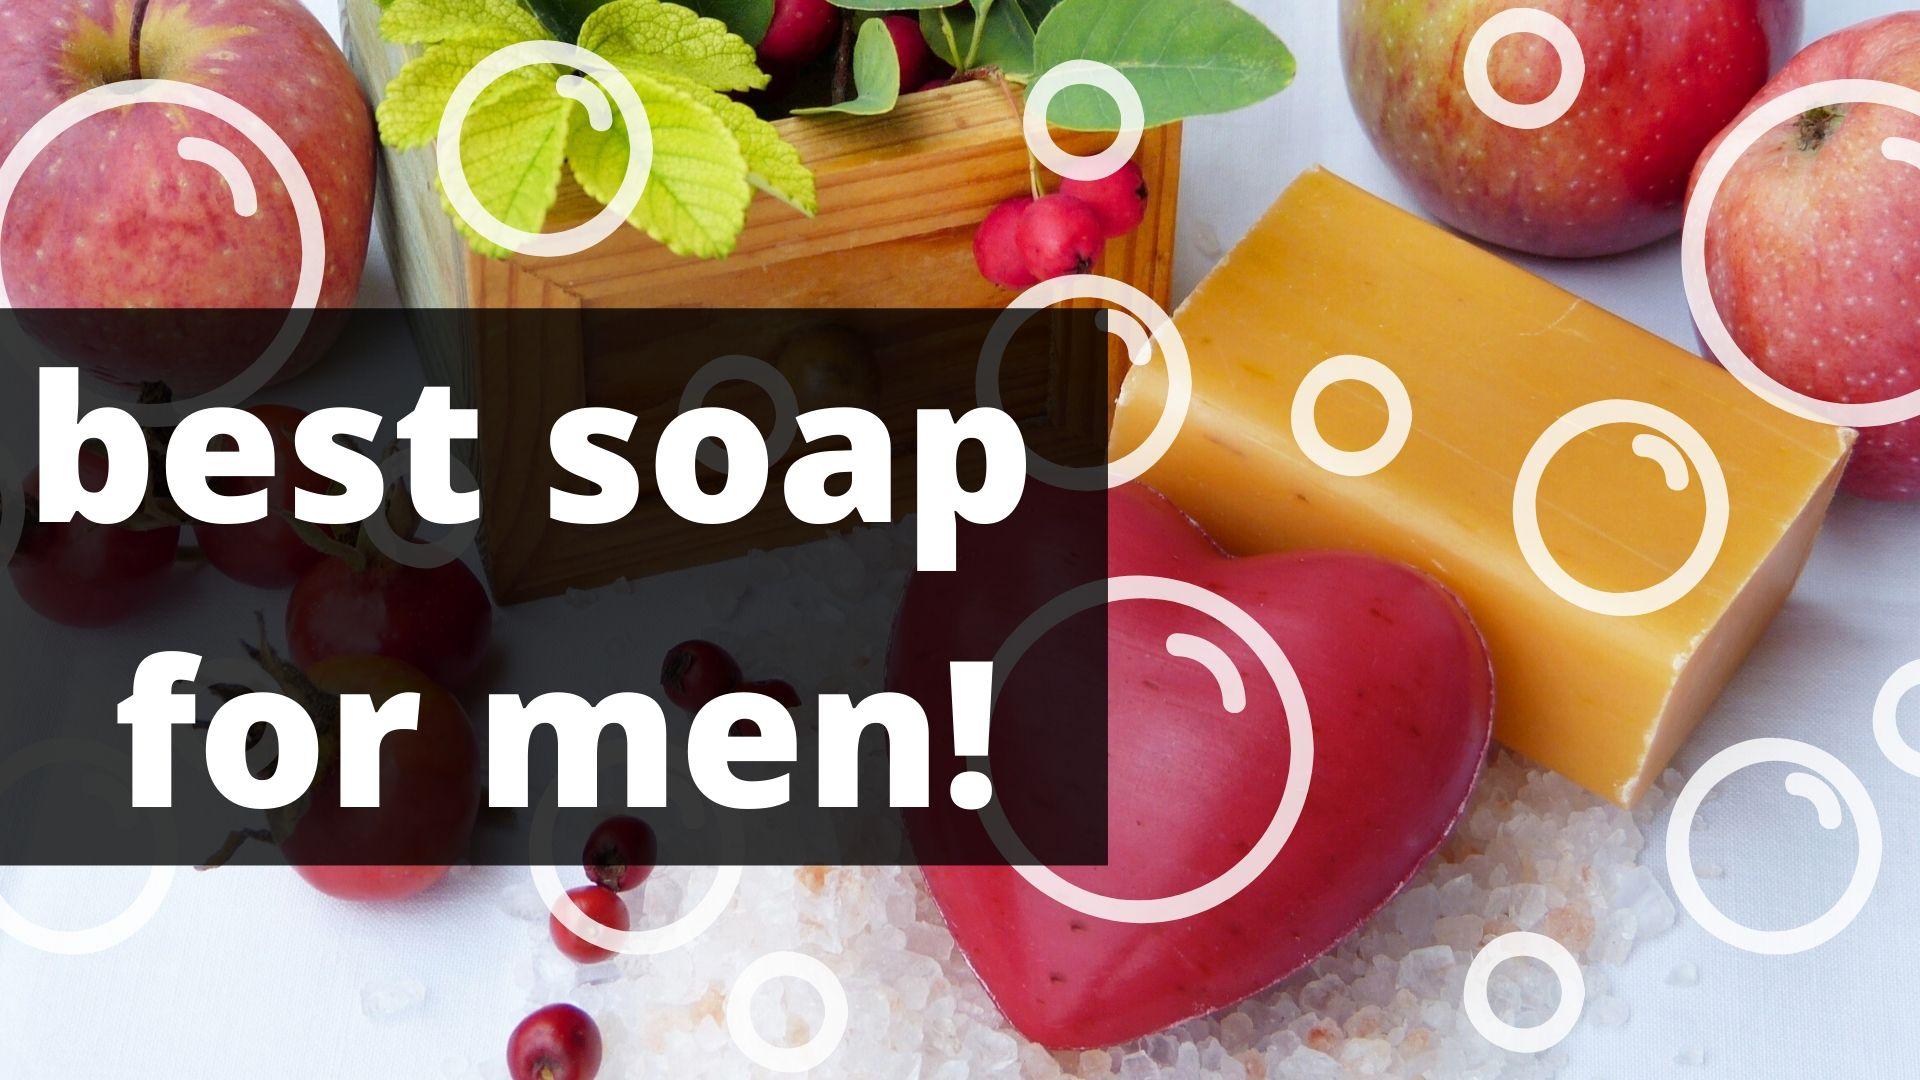 best soap for men!